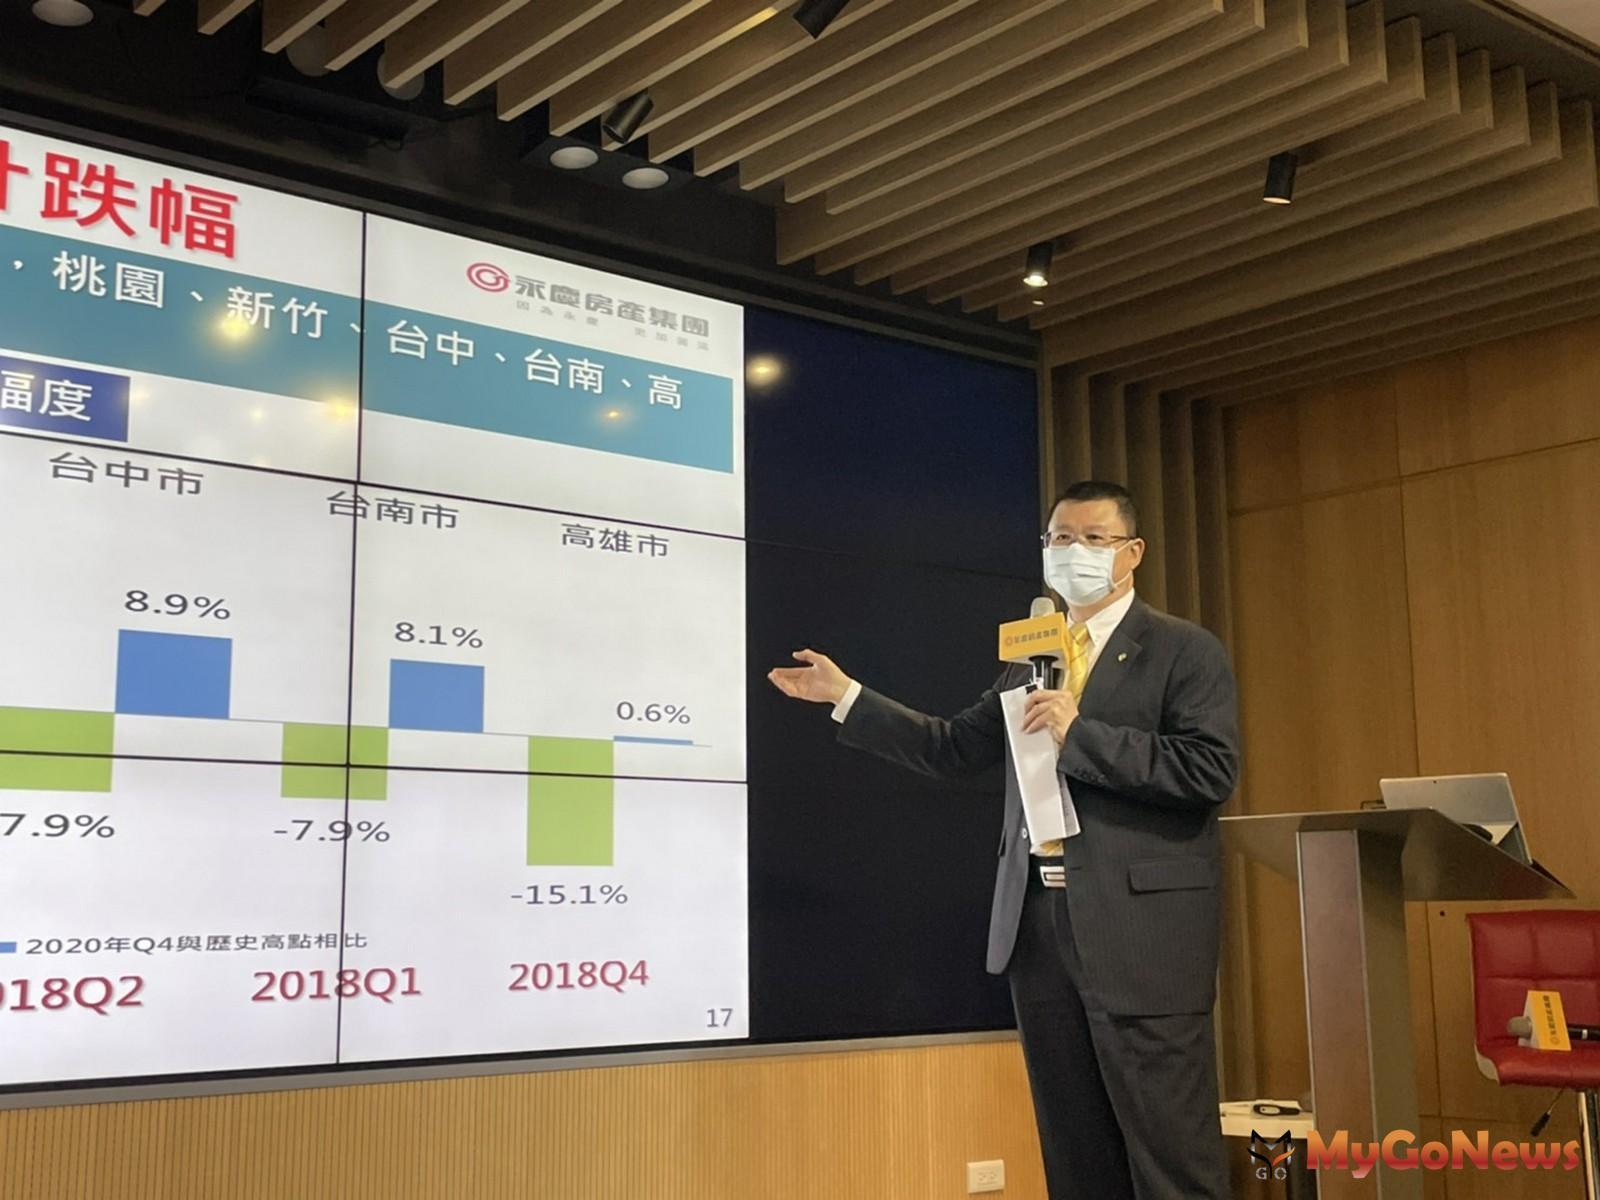 葉凌棋:打炒房!改變房價預期,房價漲幅將趨緩 MyGoNews房地產新聞 趨勢報導